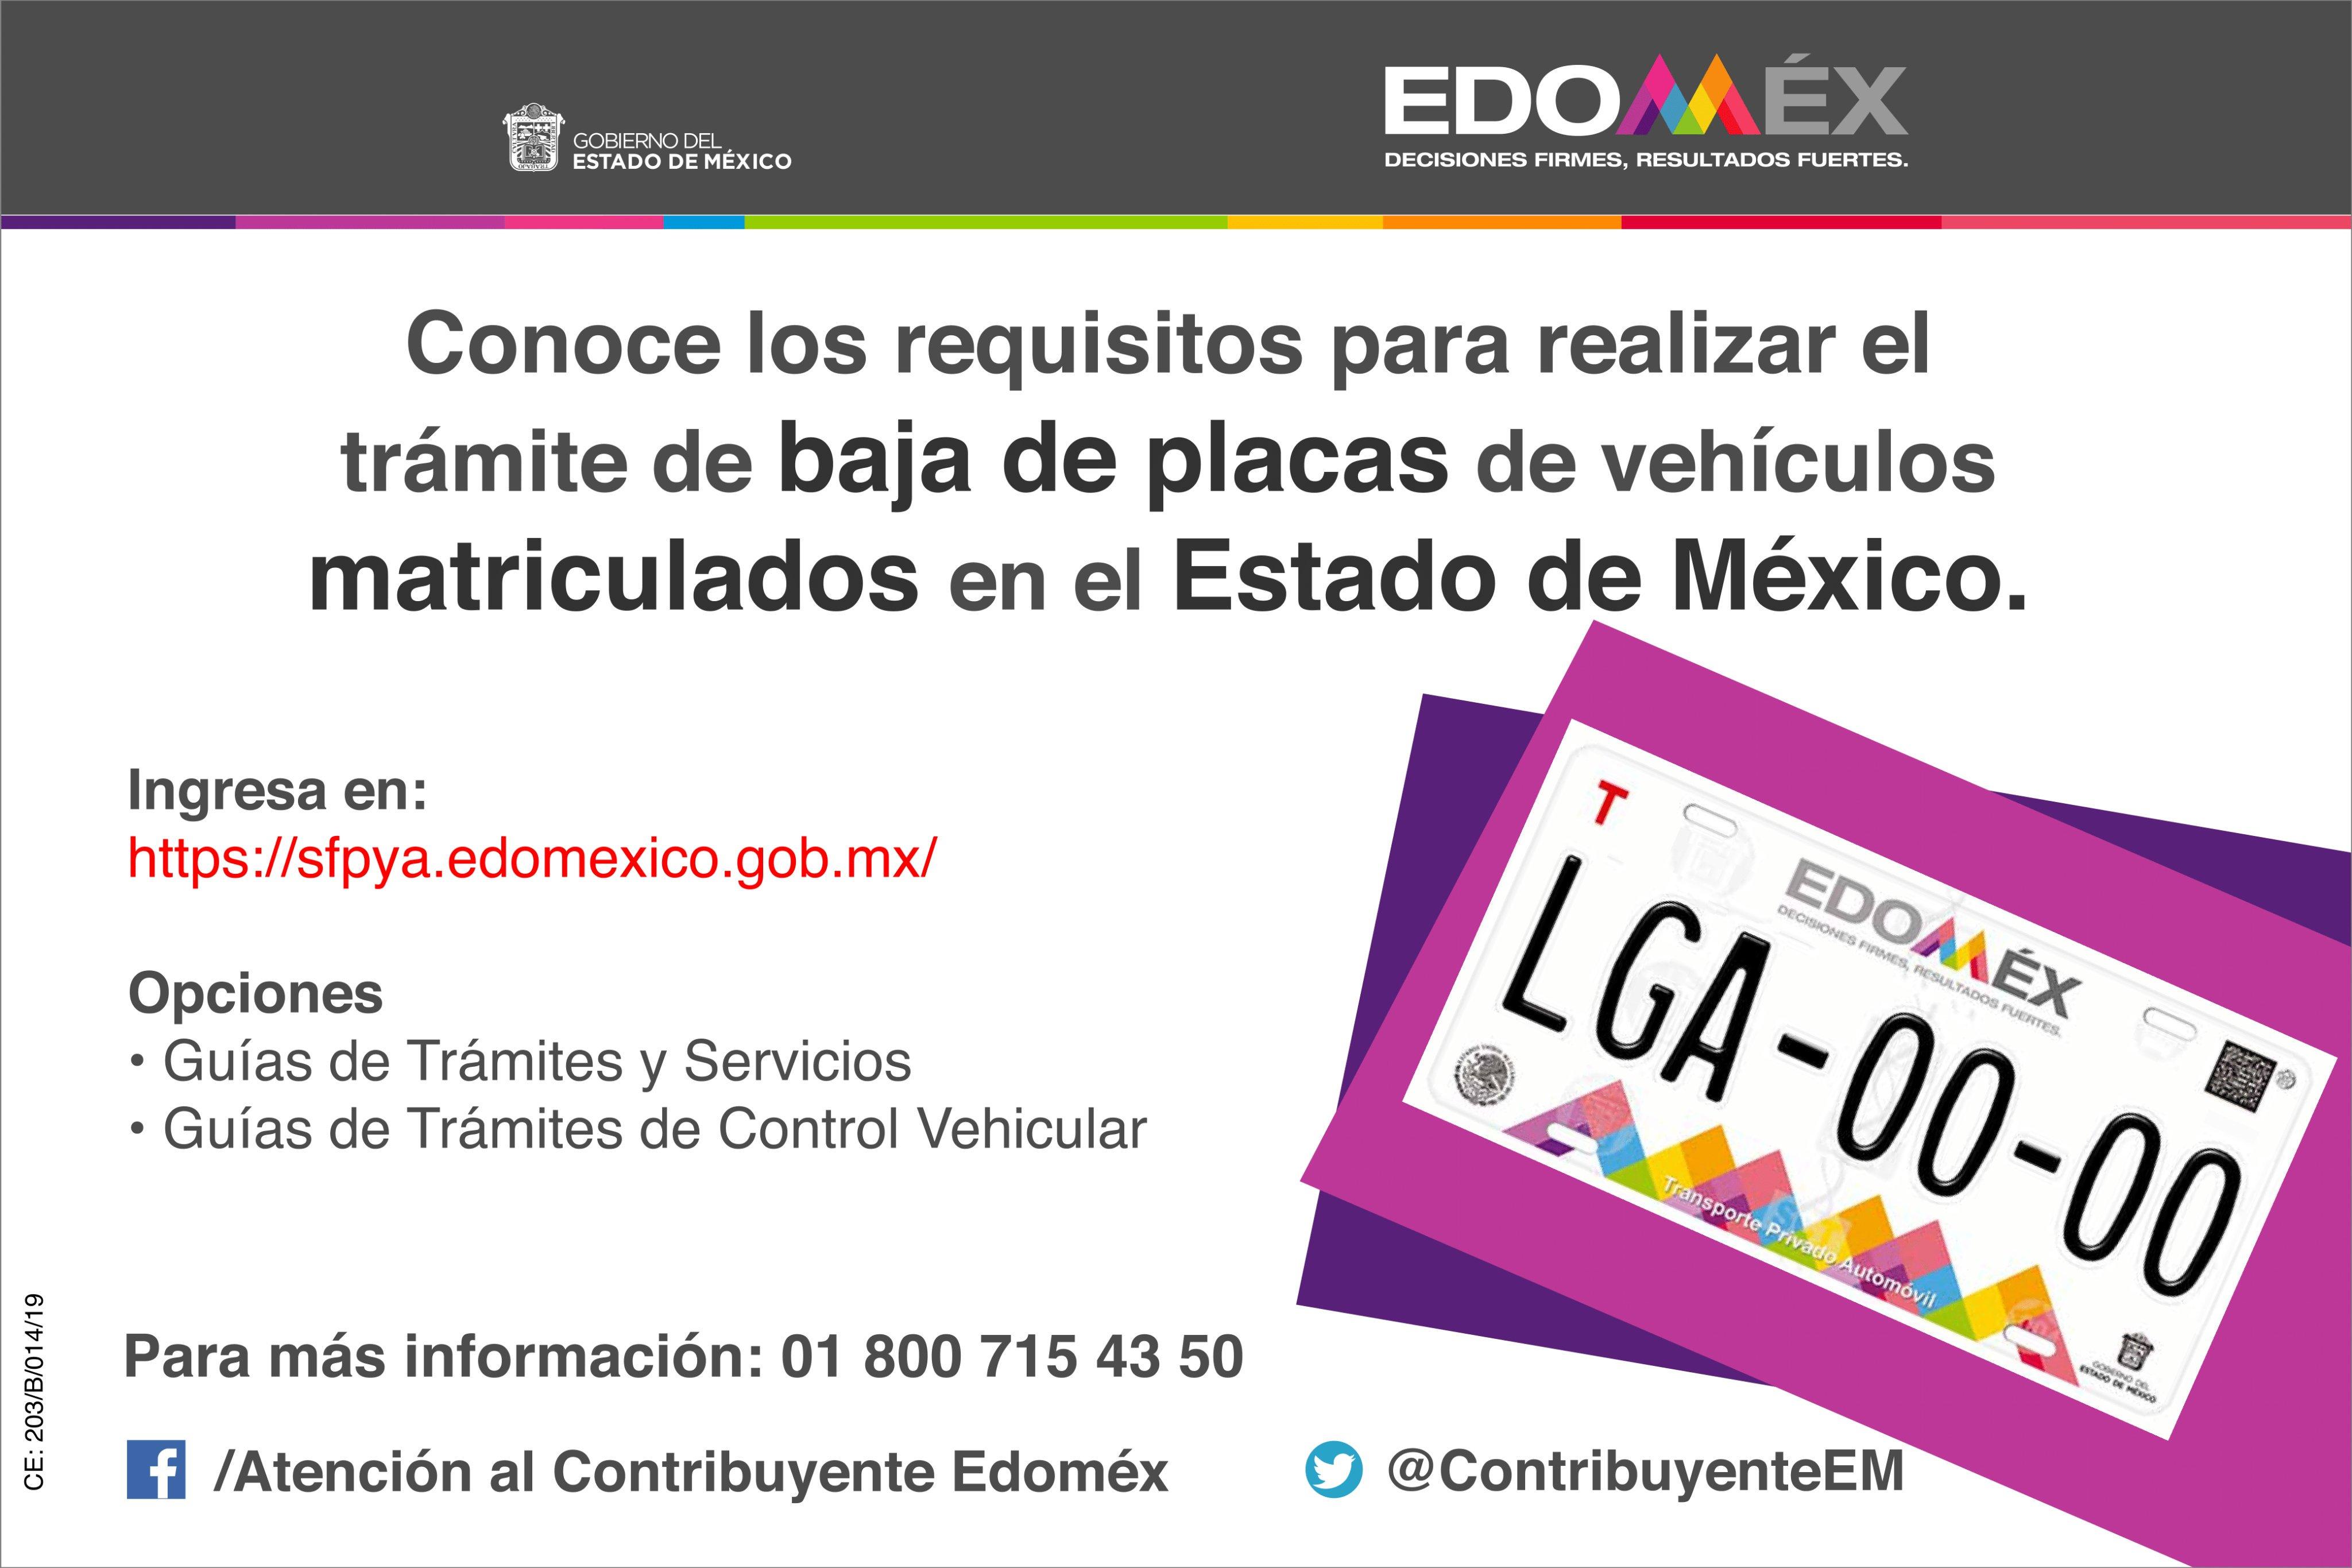 Reemplacamiento Edomex 2019 Dar De Baja Placas Un1ón Edomex